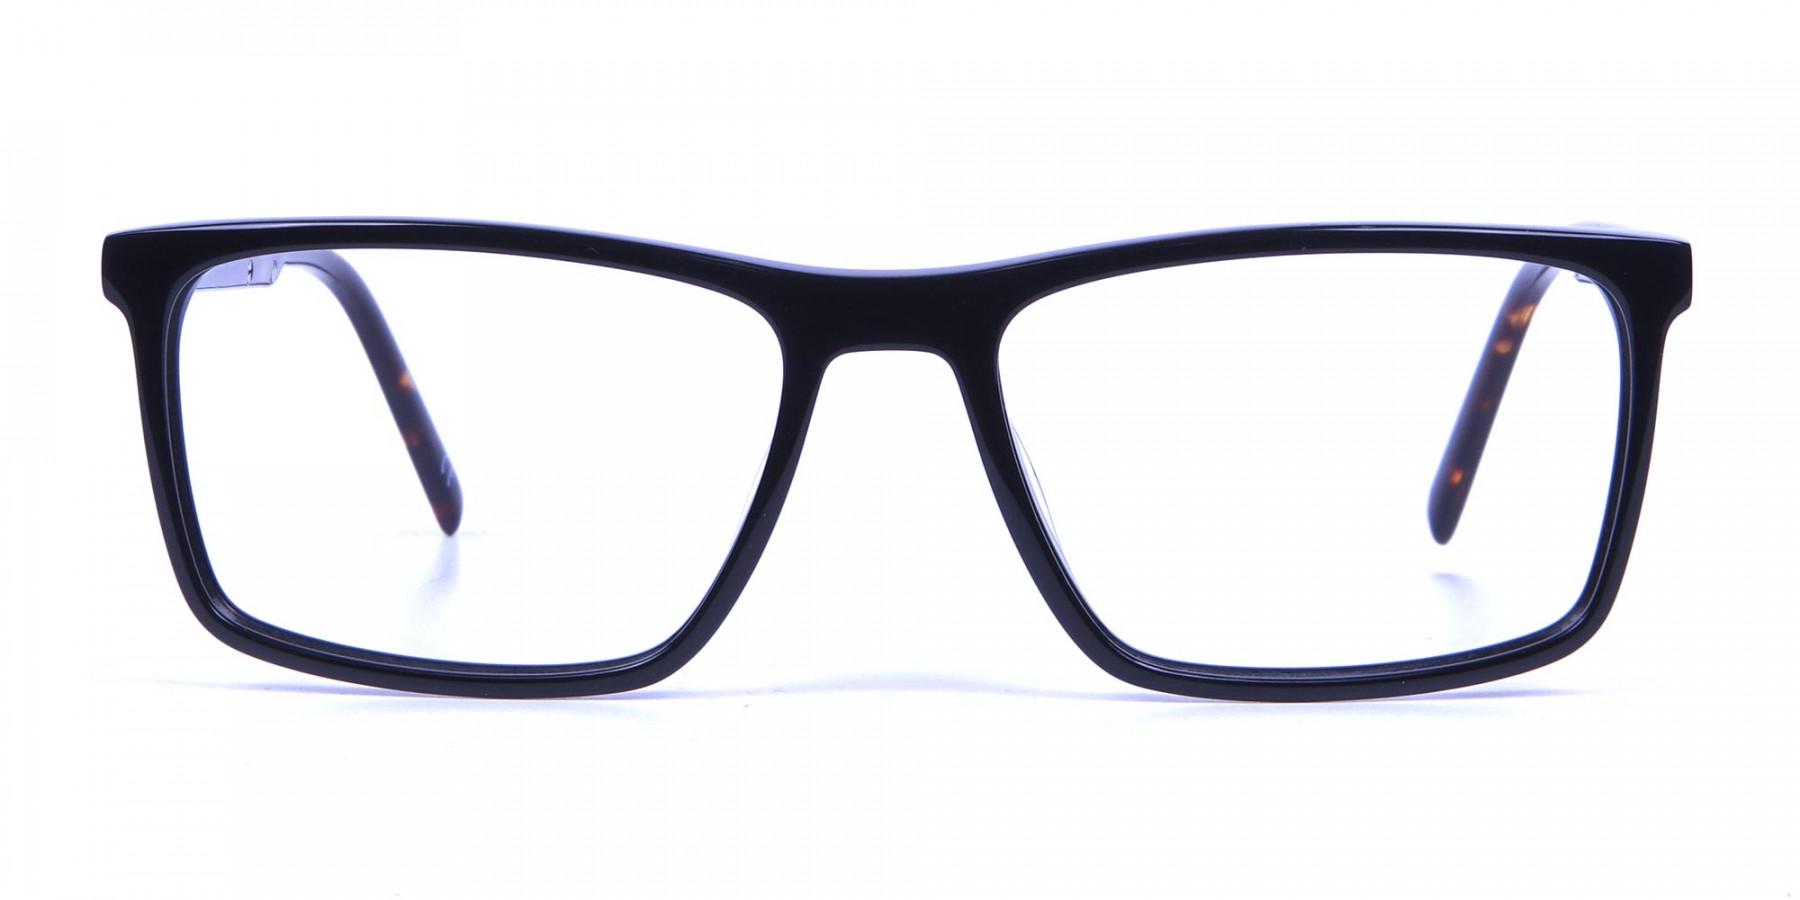 Black & Tortoiseshell Glasses